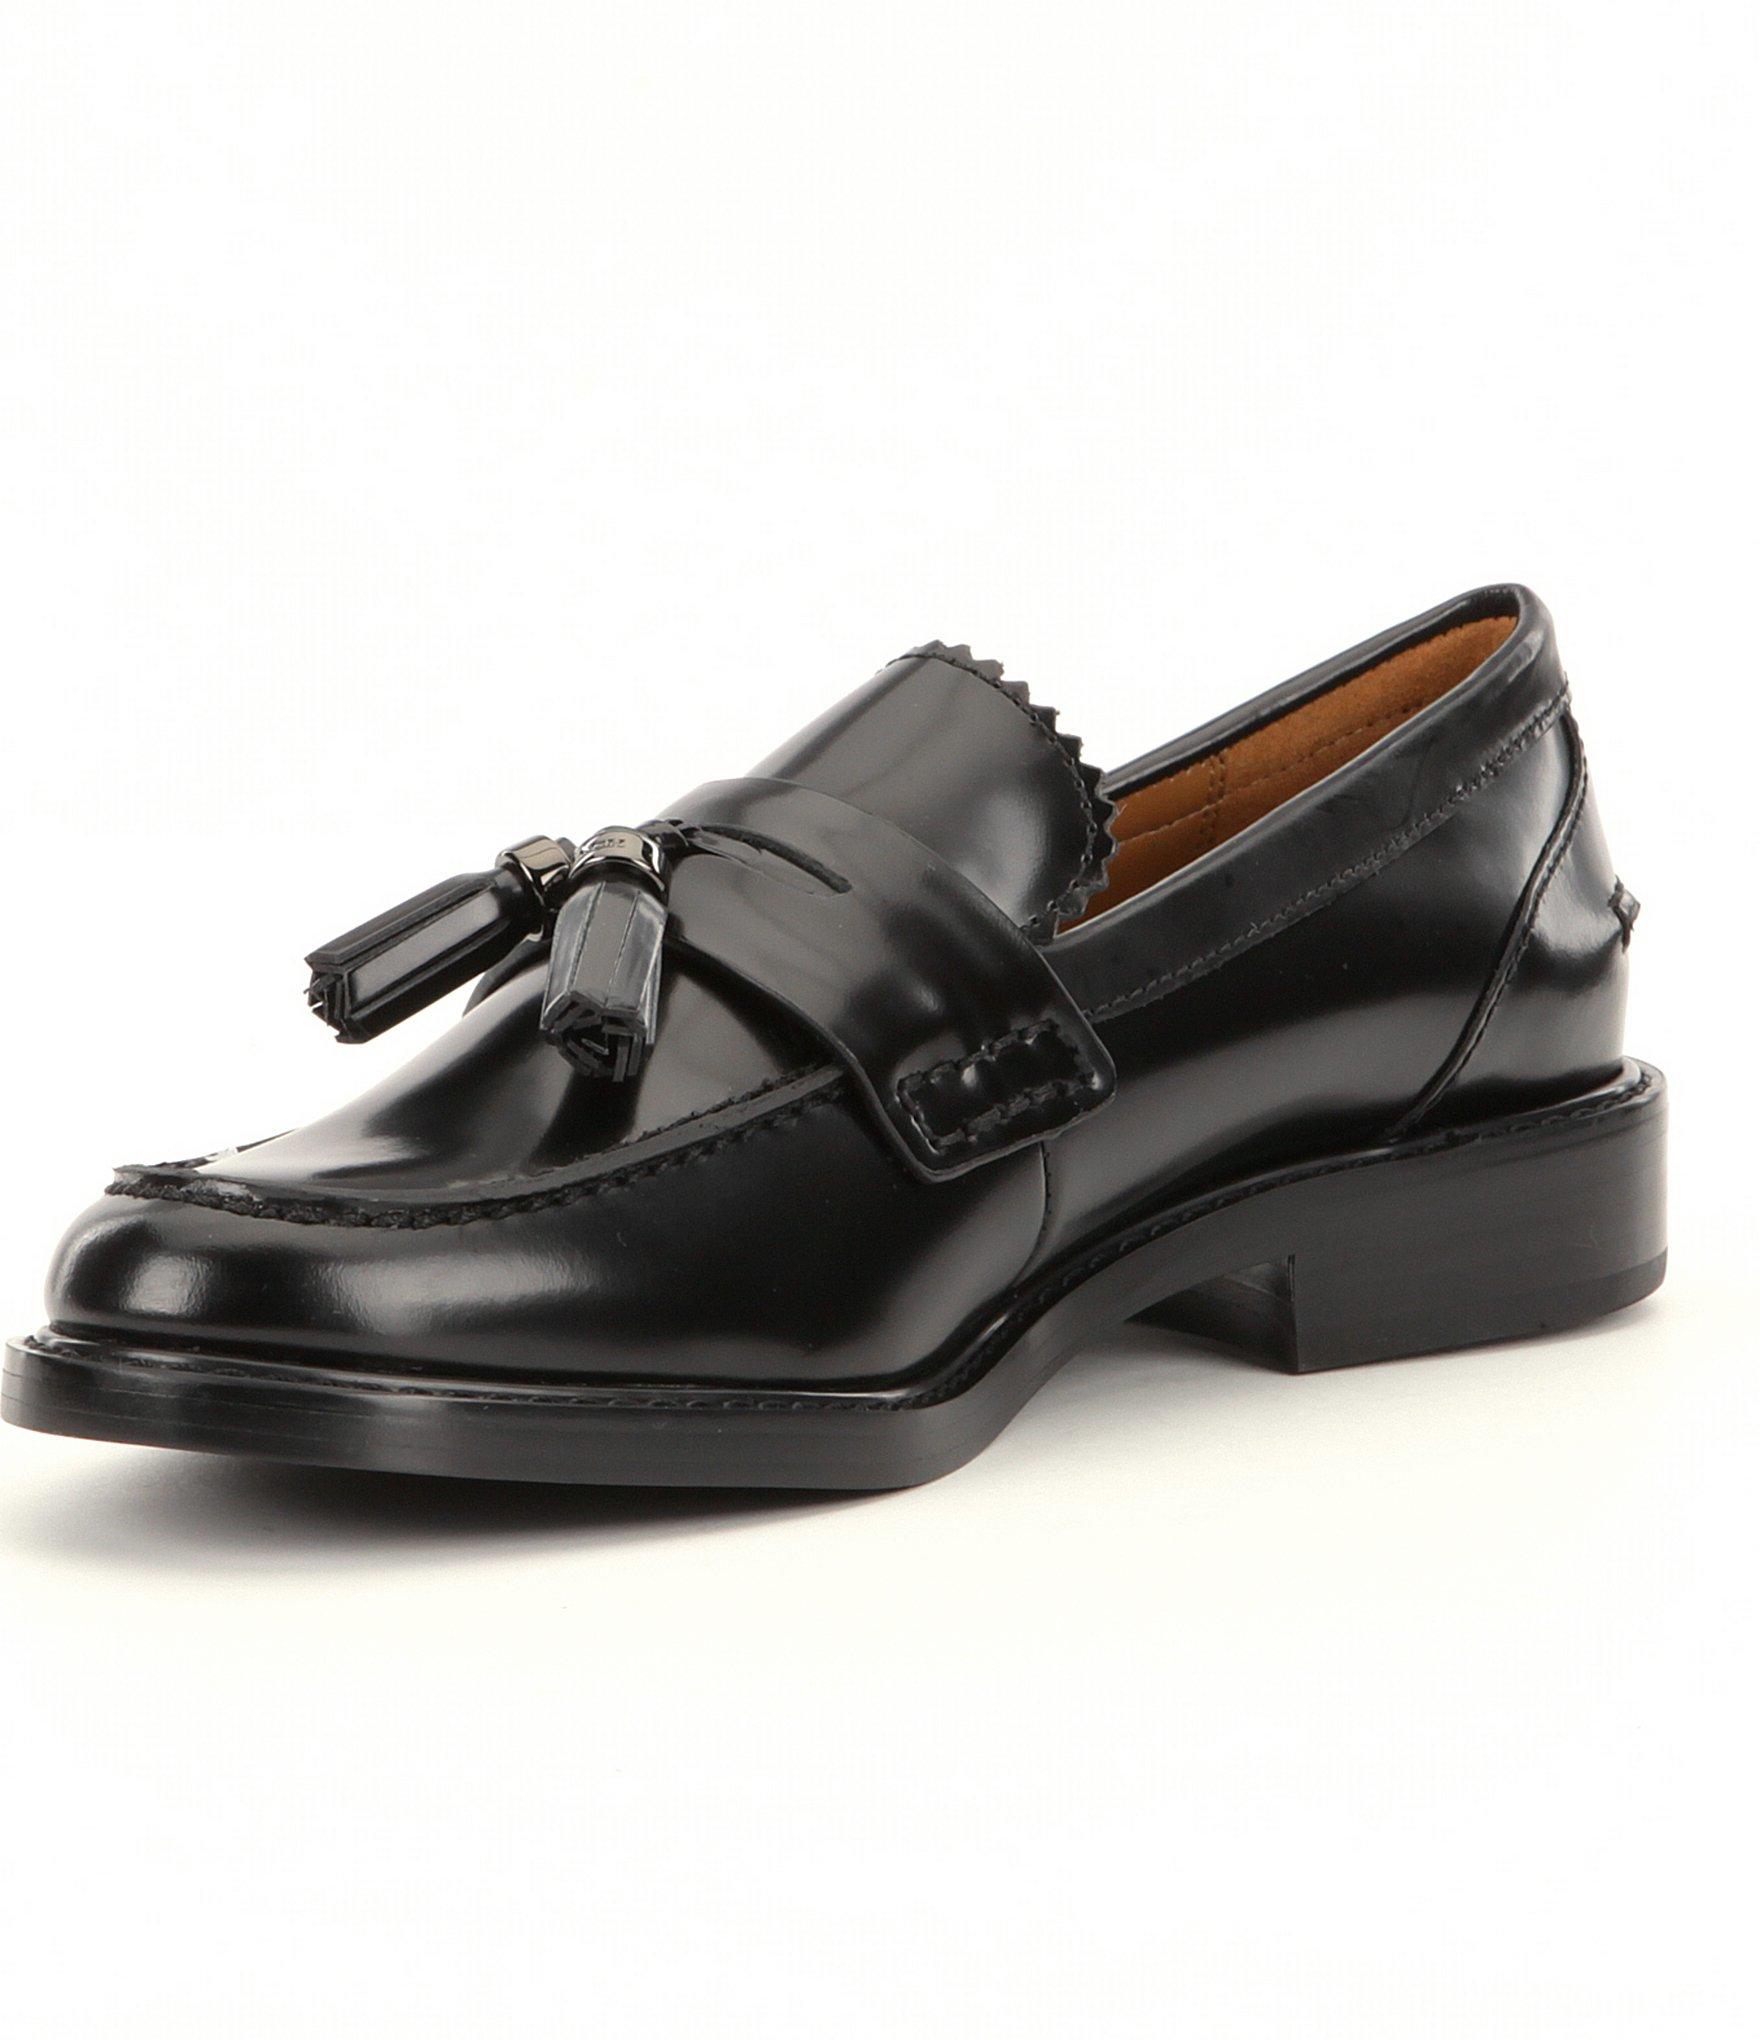 8eef62e1005 Lyst - COACH Izabella Loafer in Black